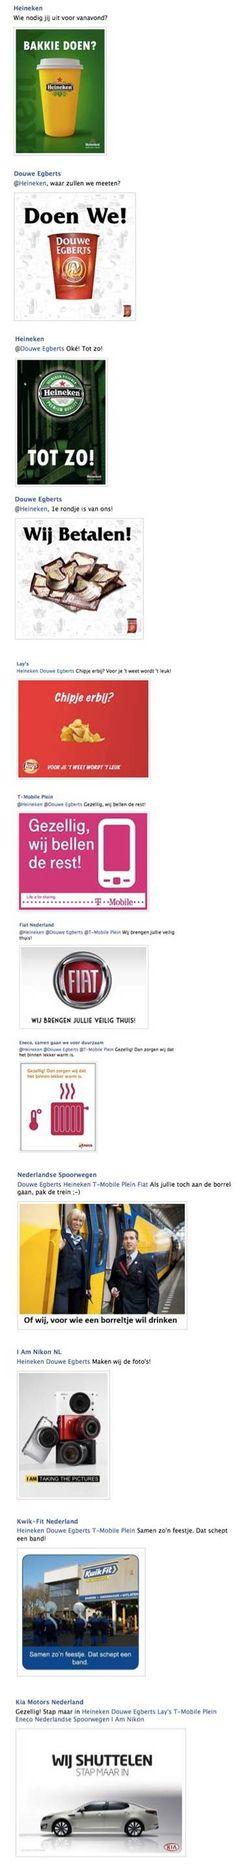 Geweldig om te zien hoe merken ook echt Social kunnen zijn :))